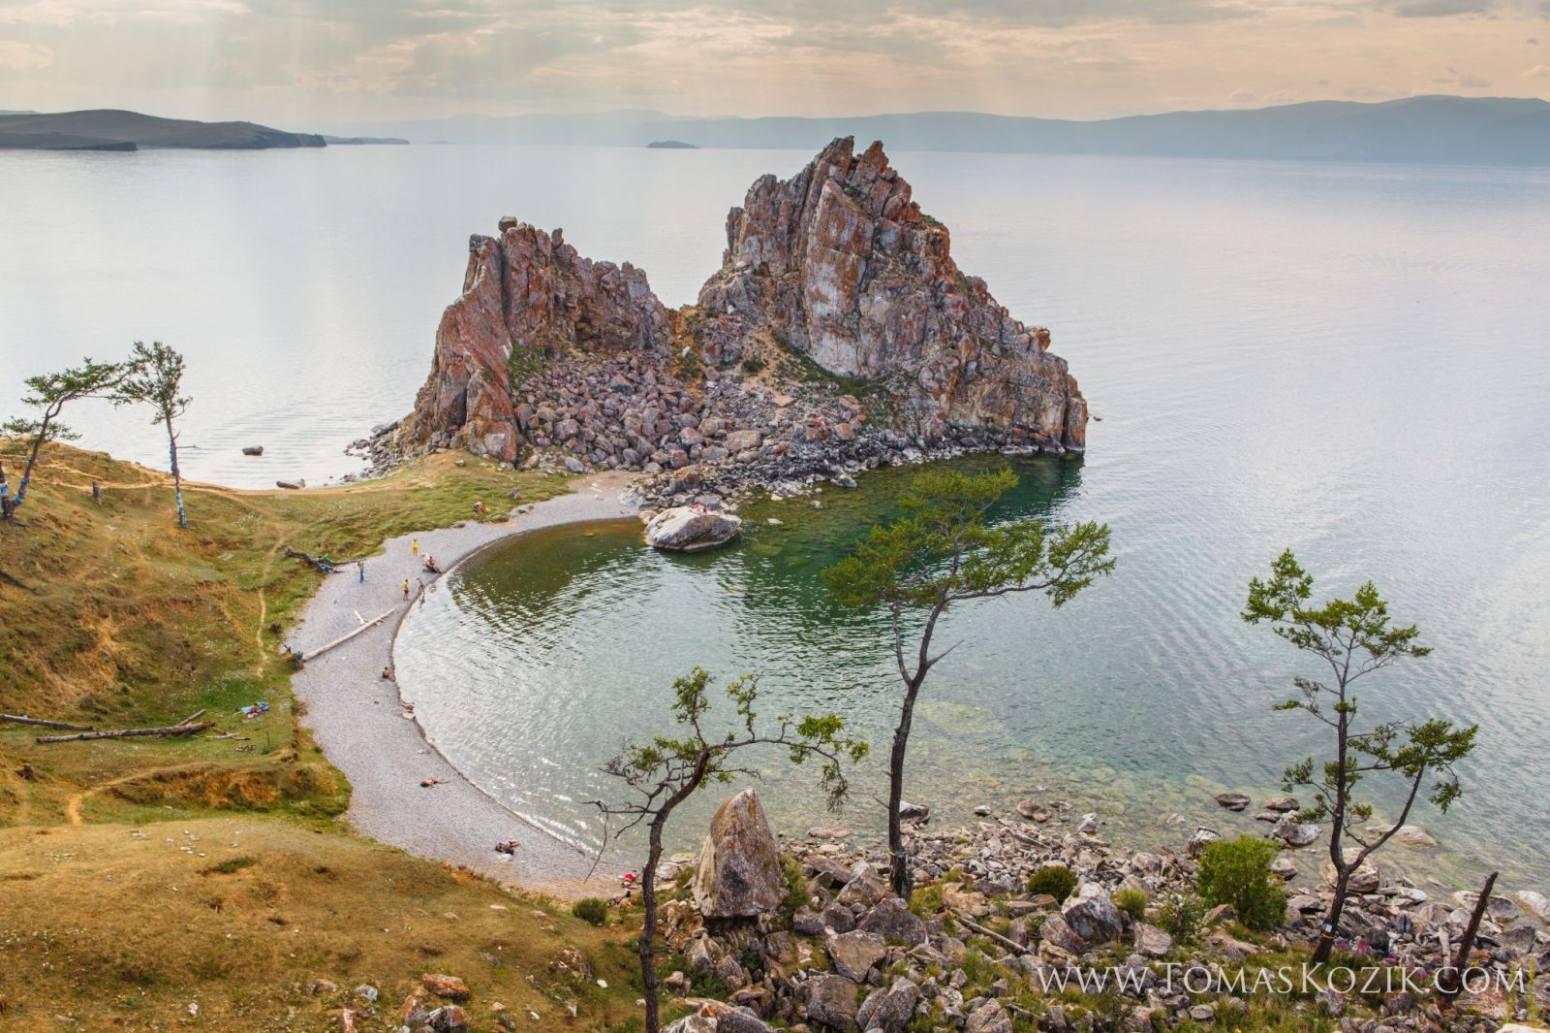 Tomas Kozik_Bajkal